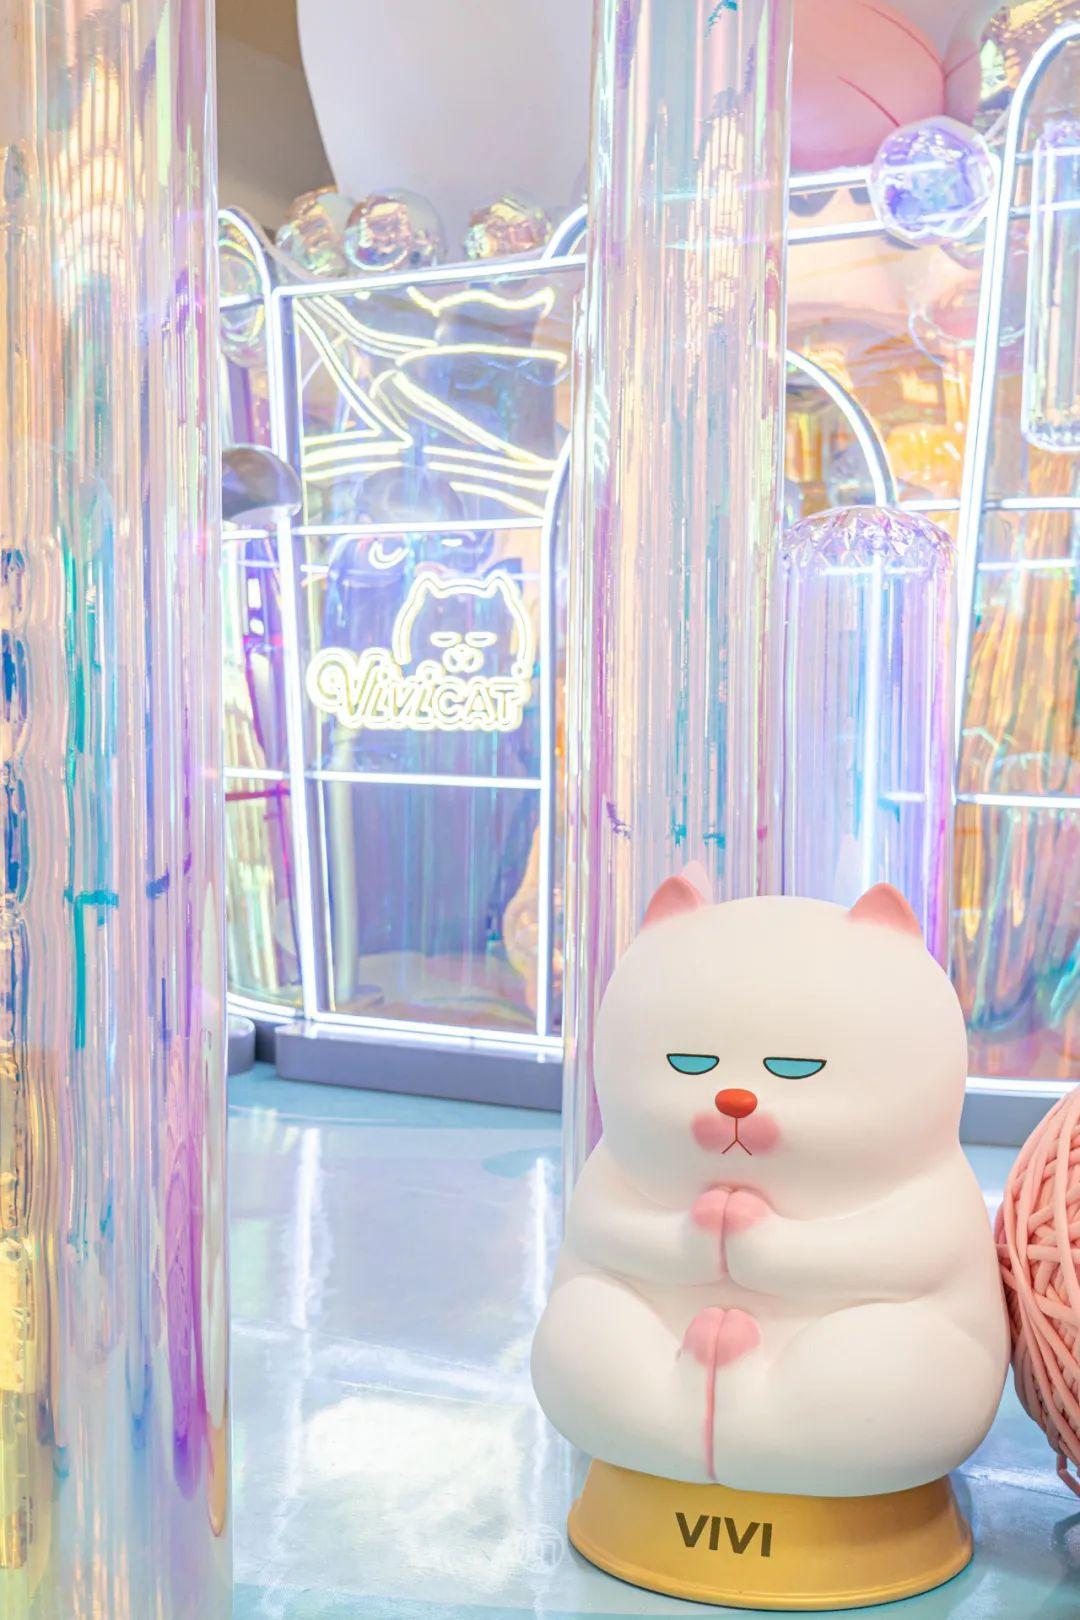 我的慵懒朋友ViViCat华东首展梦幻来袭!咪奥·潮玩集市趣味出摊!这个秋天,来福士陪你嗨!(图23)